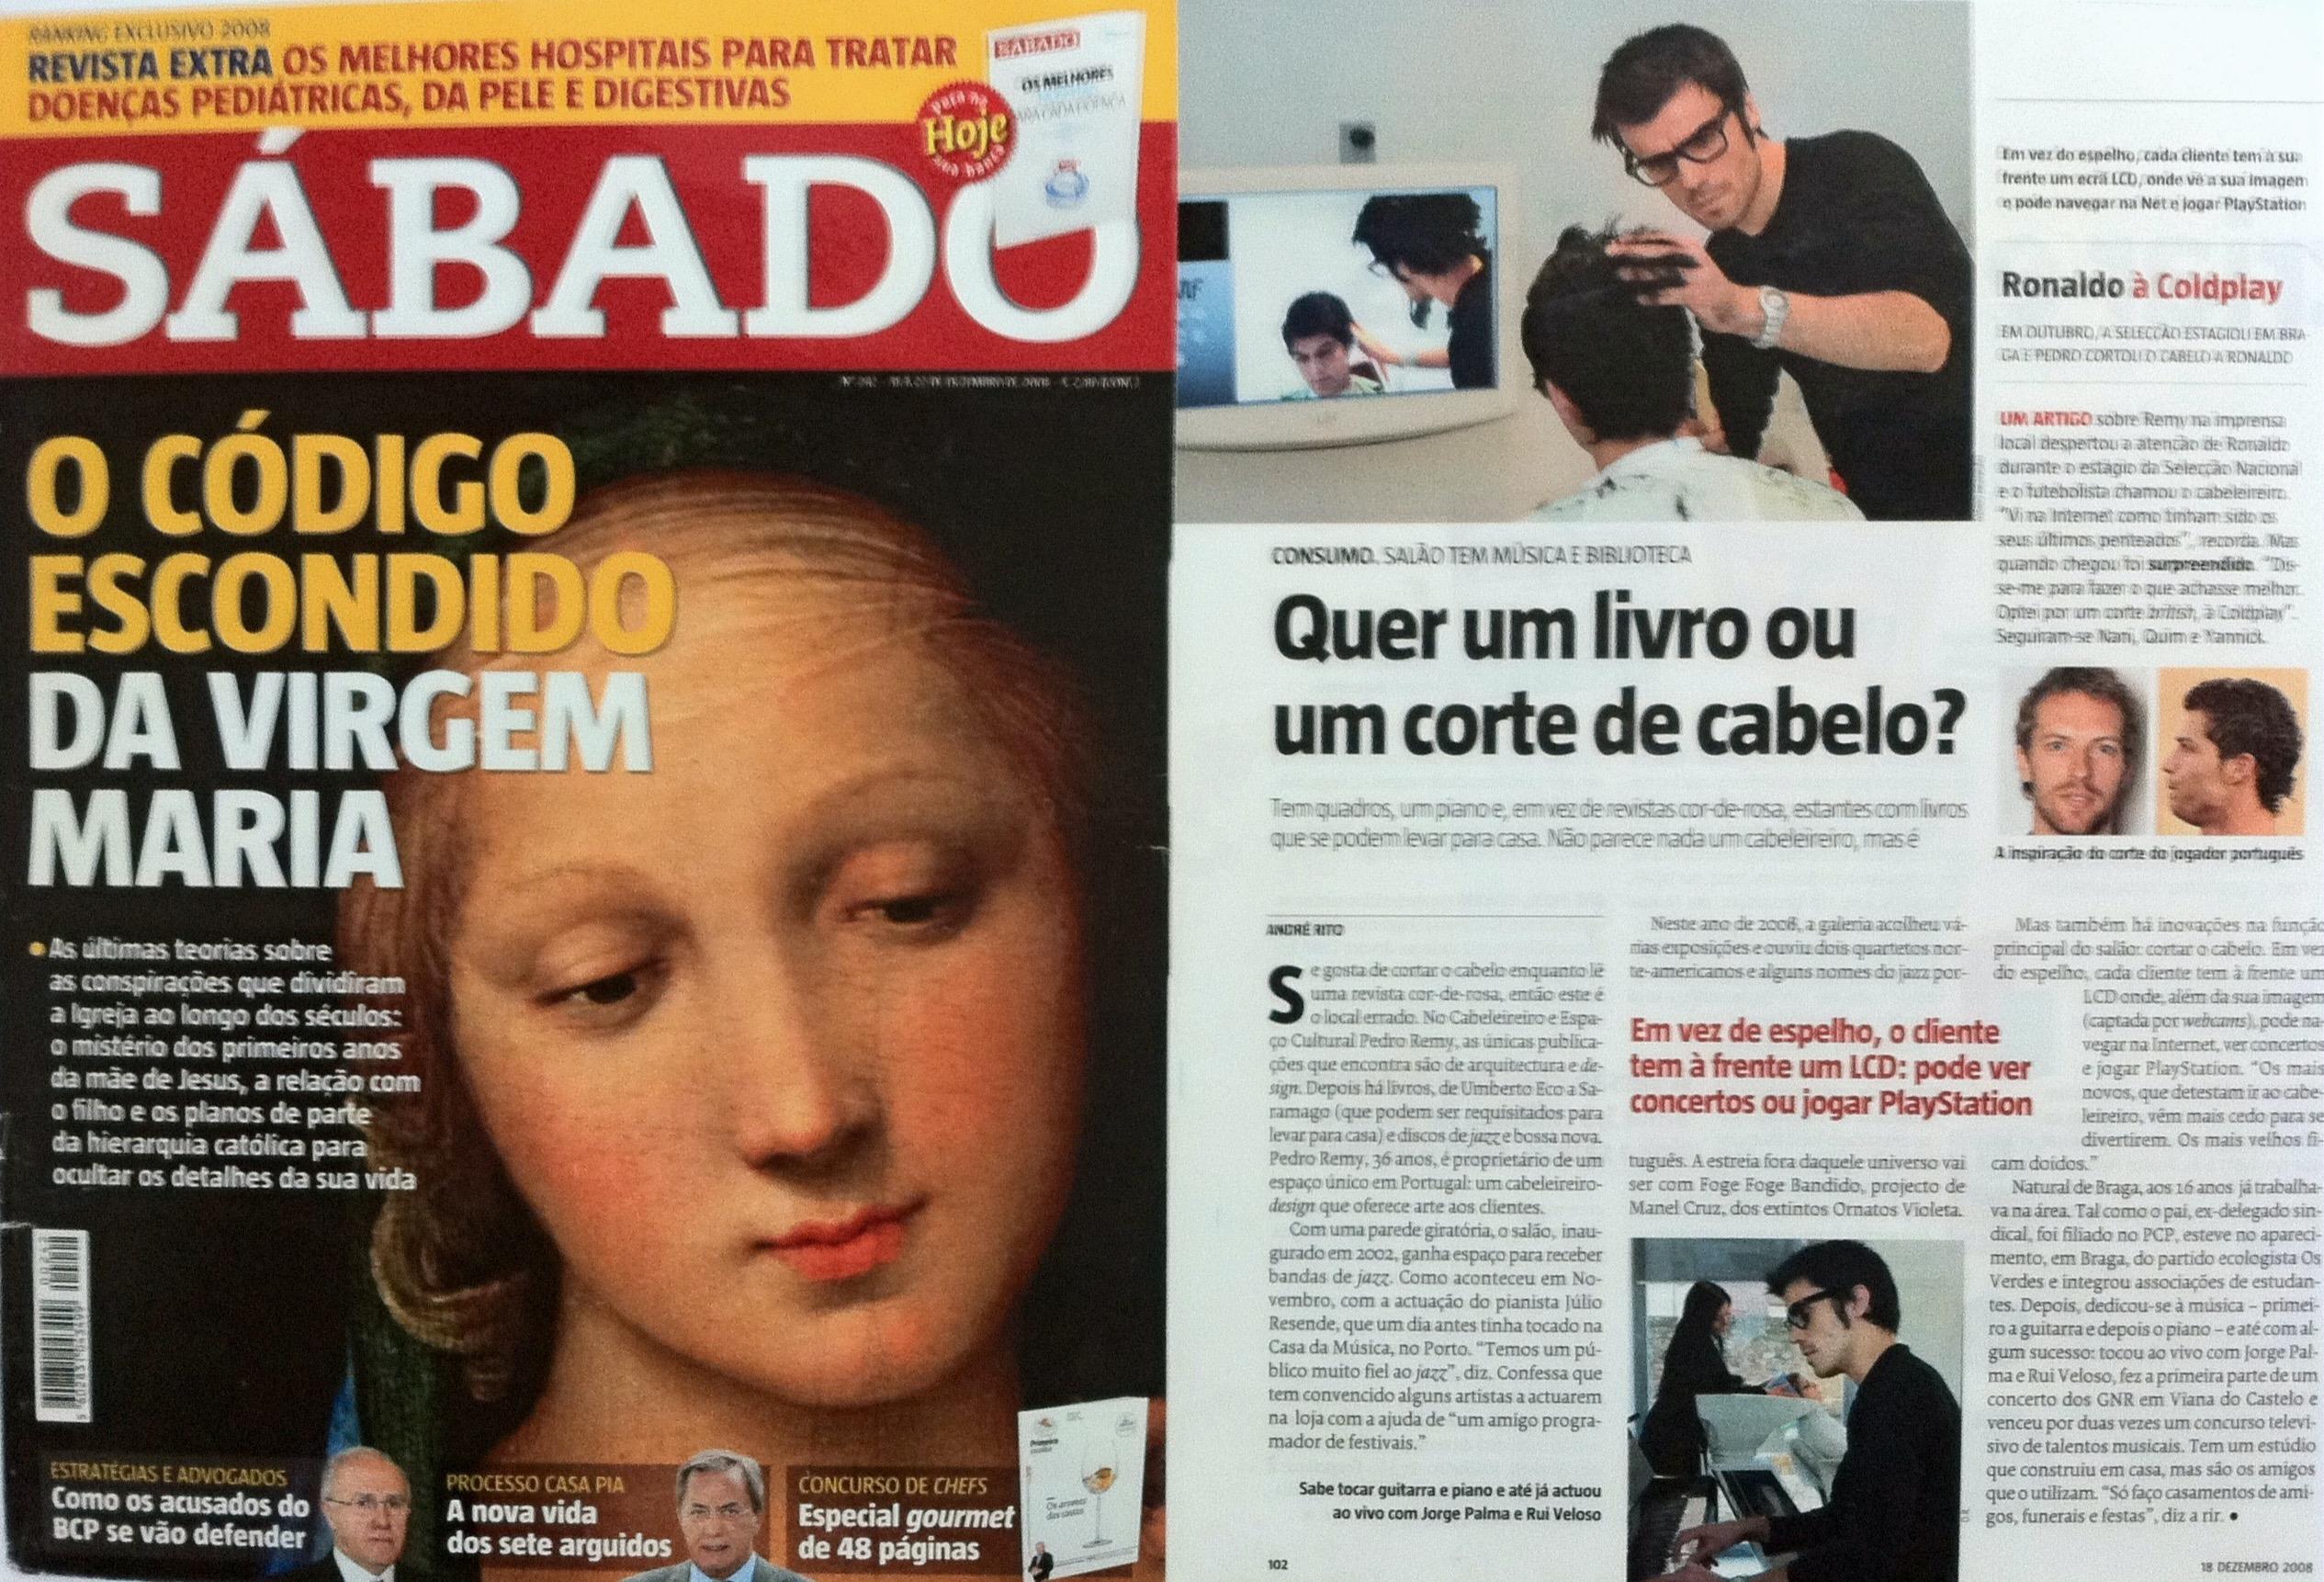 Revista Sábado Pedro Remy cabeleireiro Cristiano Ronaldo Corte cabelo